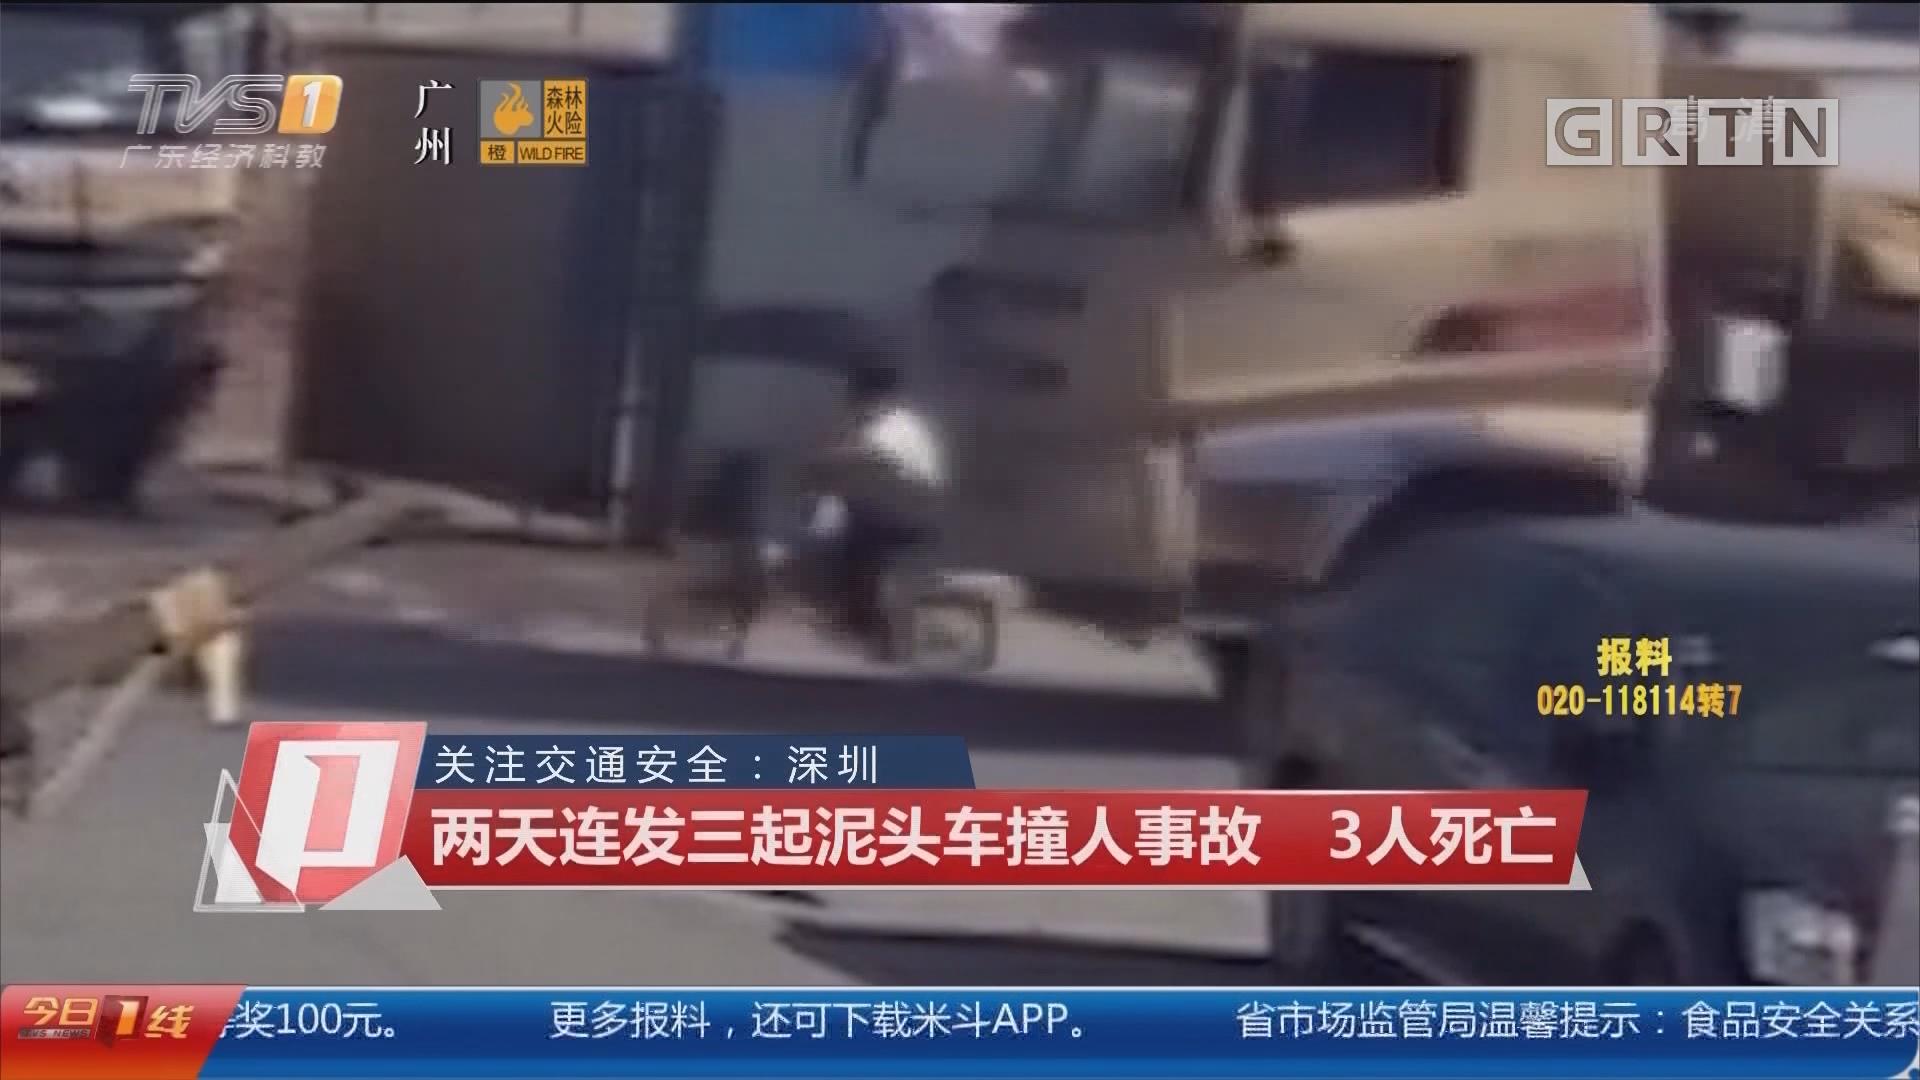 关注交通安全:深圳 两天连发三起泥头车撞人事故 3人死亡